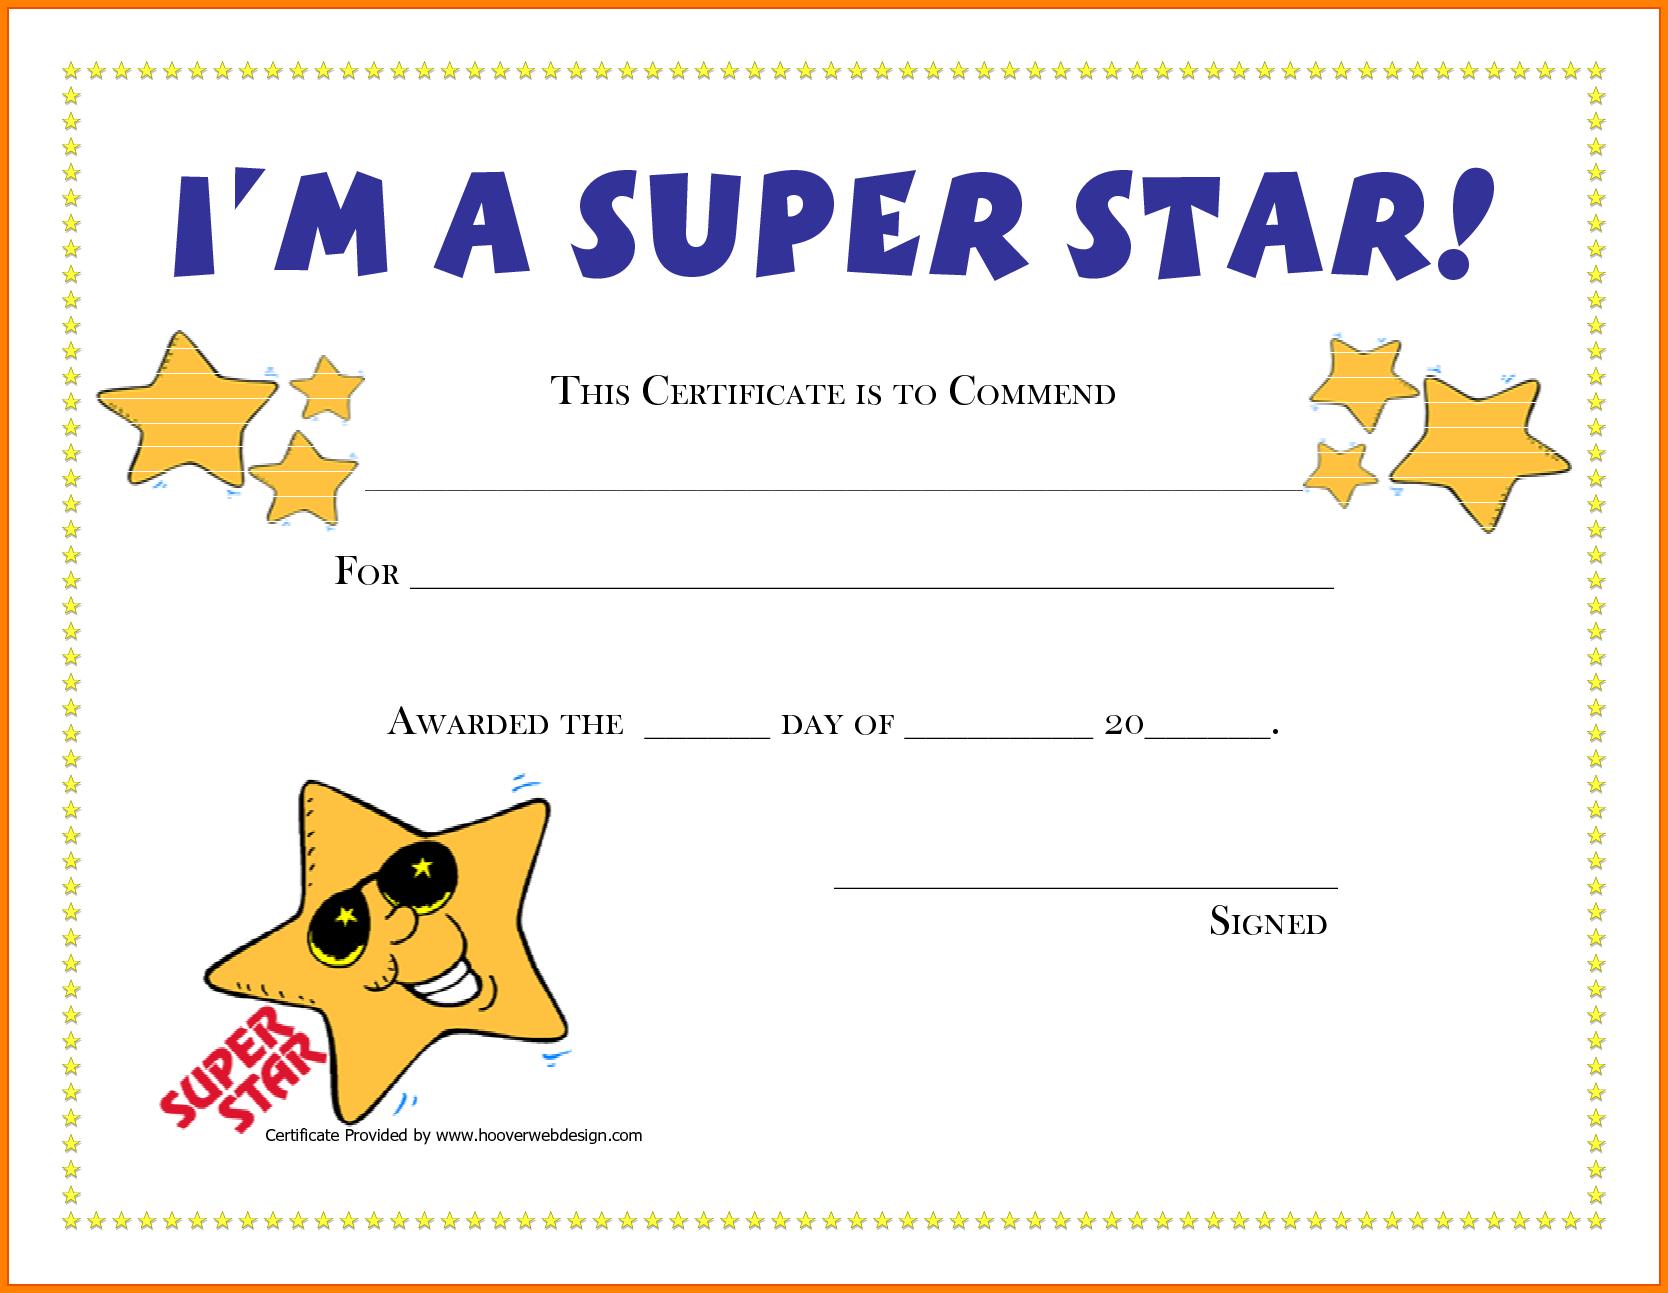 Good Job Award Template  Quick Askips With Regard To Good Job Certificate Template